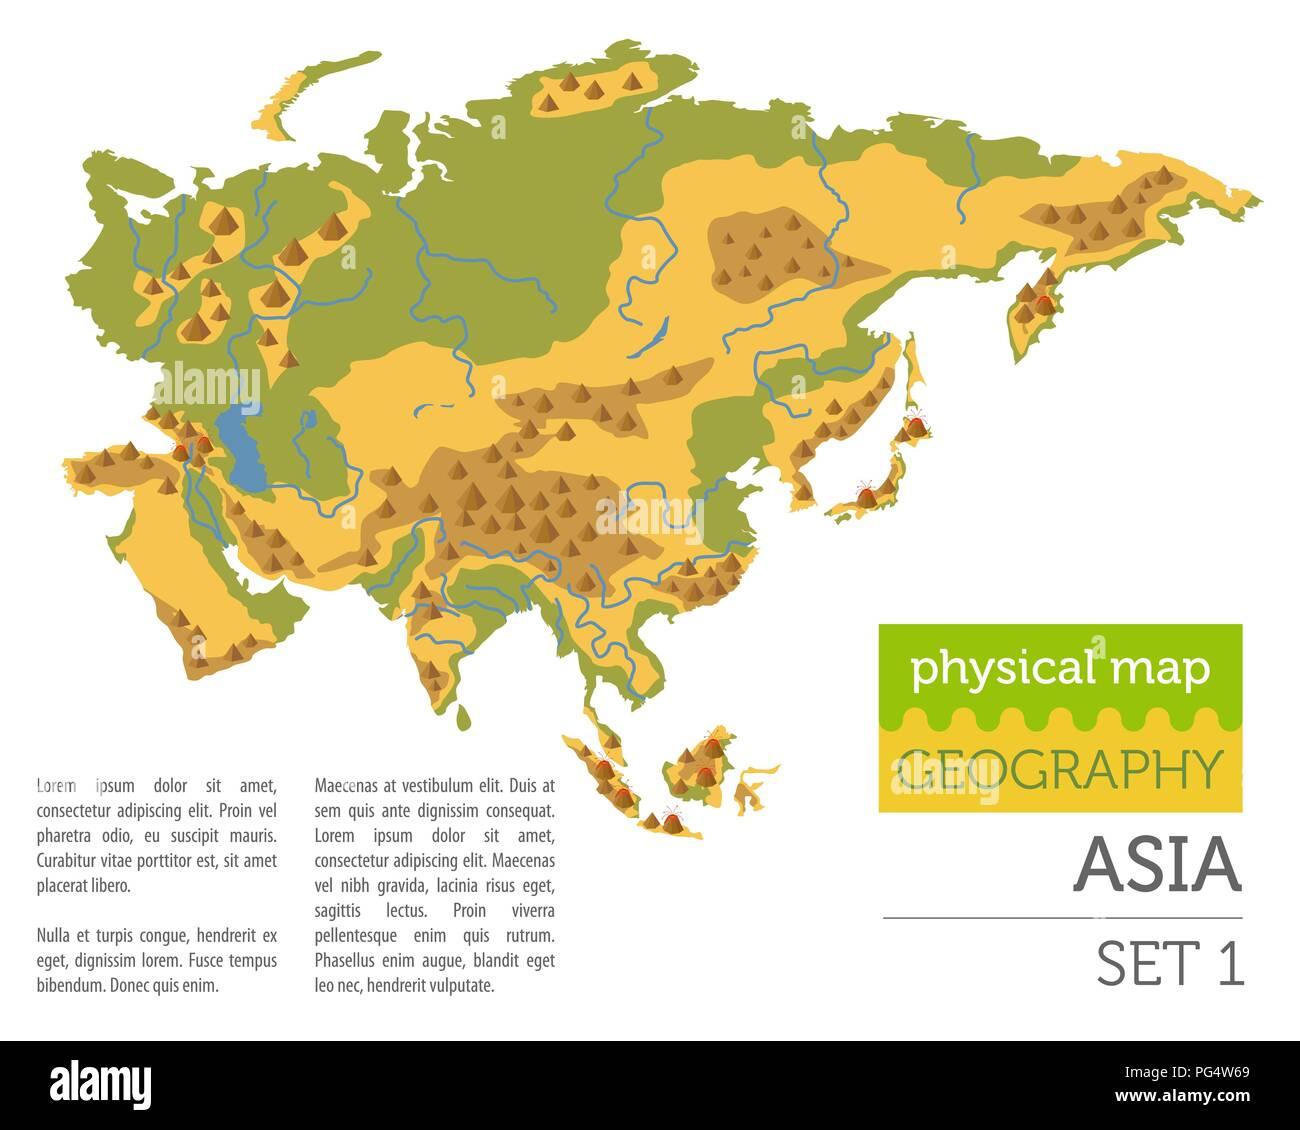 Cartina Asia Fisica.Appartamento Asia Cartina Fisica Costruttore Elementi Isolati Su Bianco Costruire La Propria Geografia Infographics Collection Illustrazione Vettoriale Immagine E Vettoriale Alamy